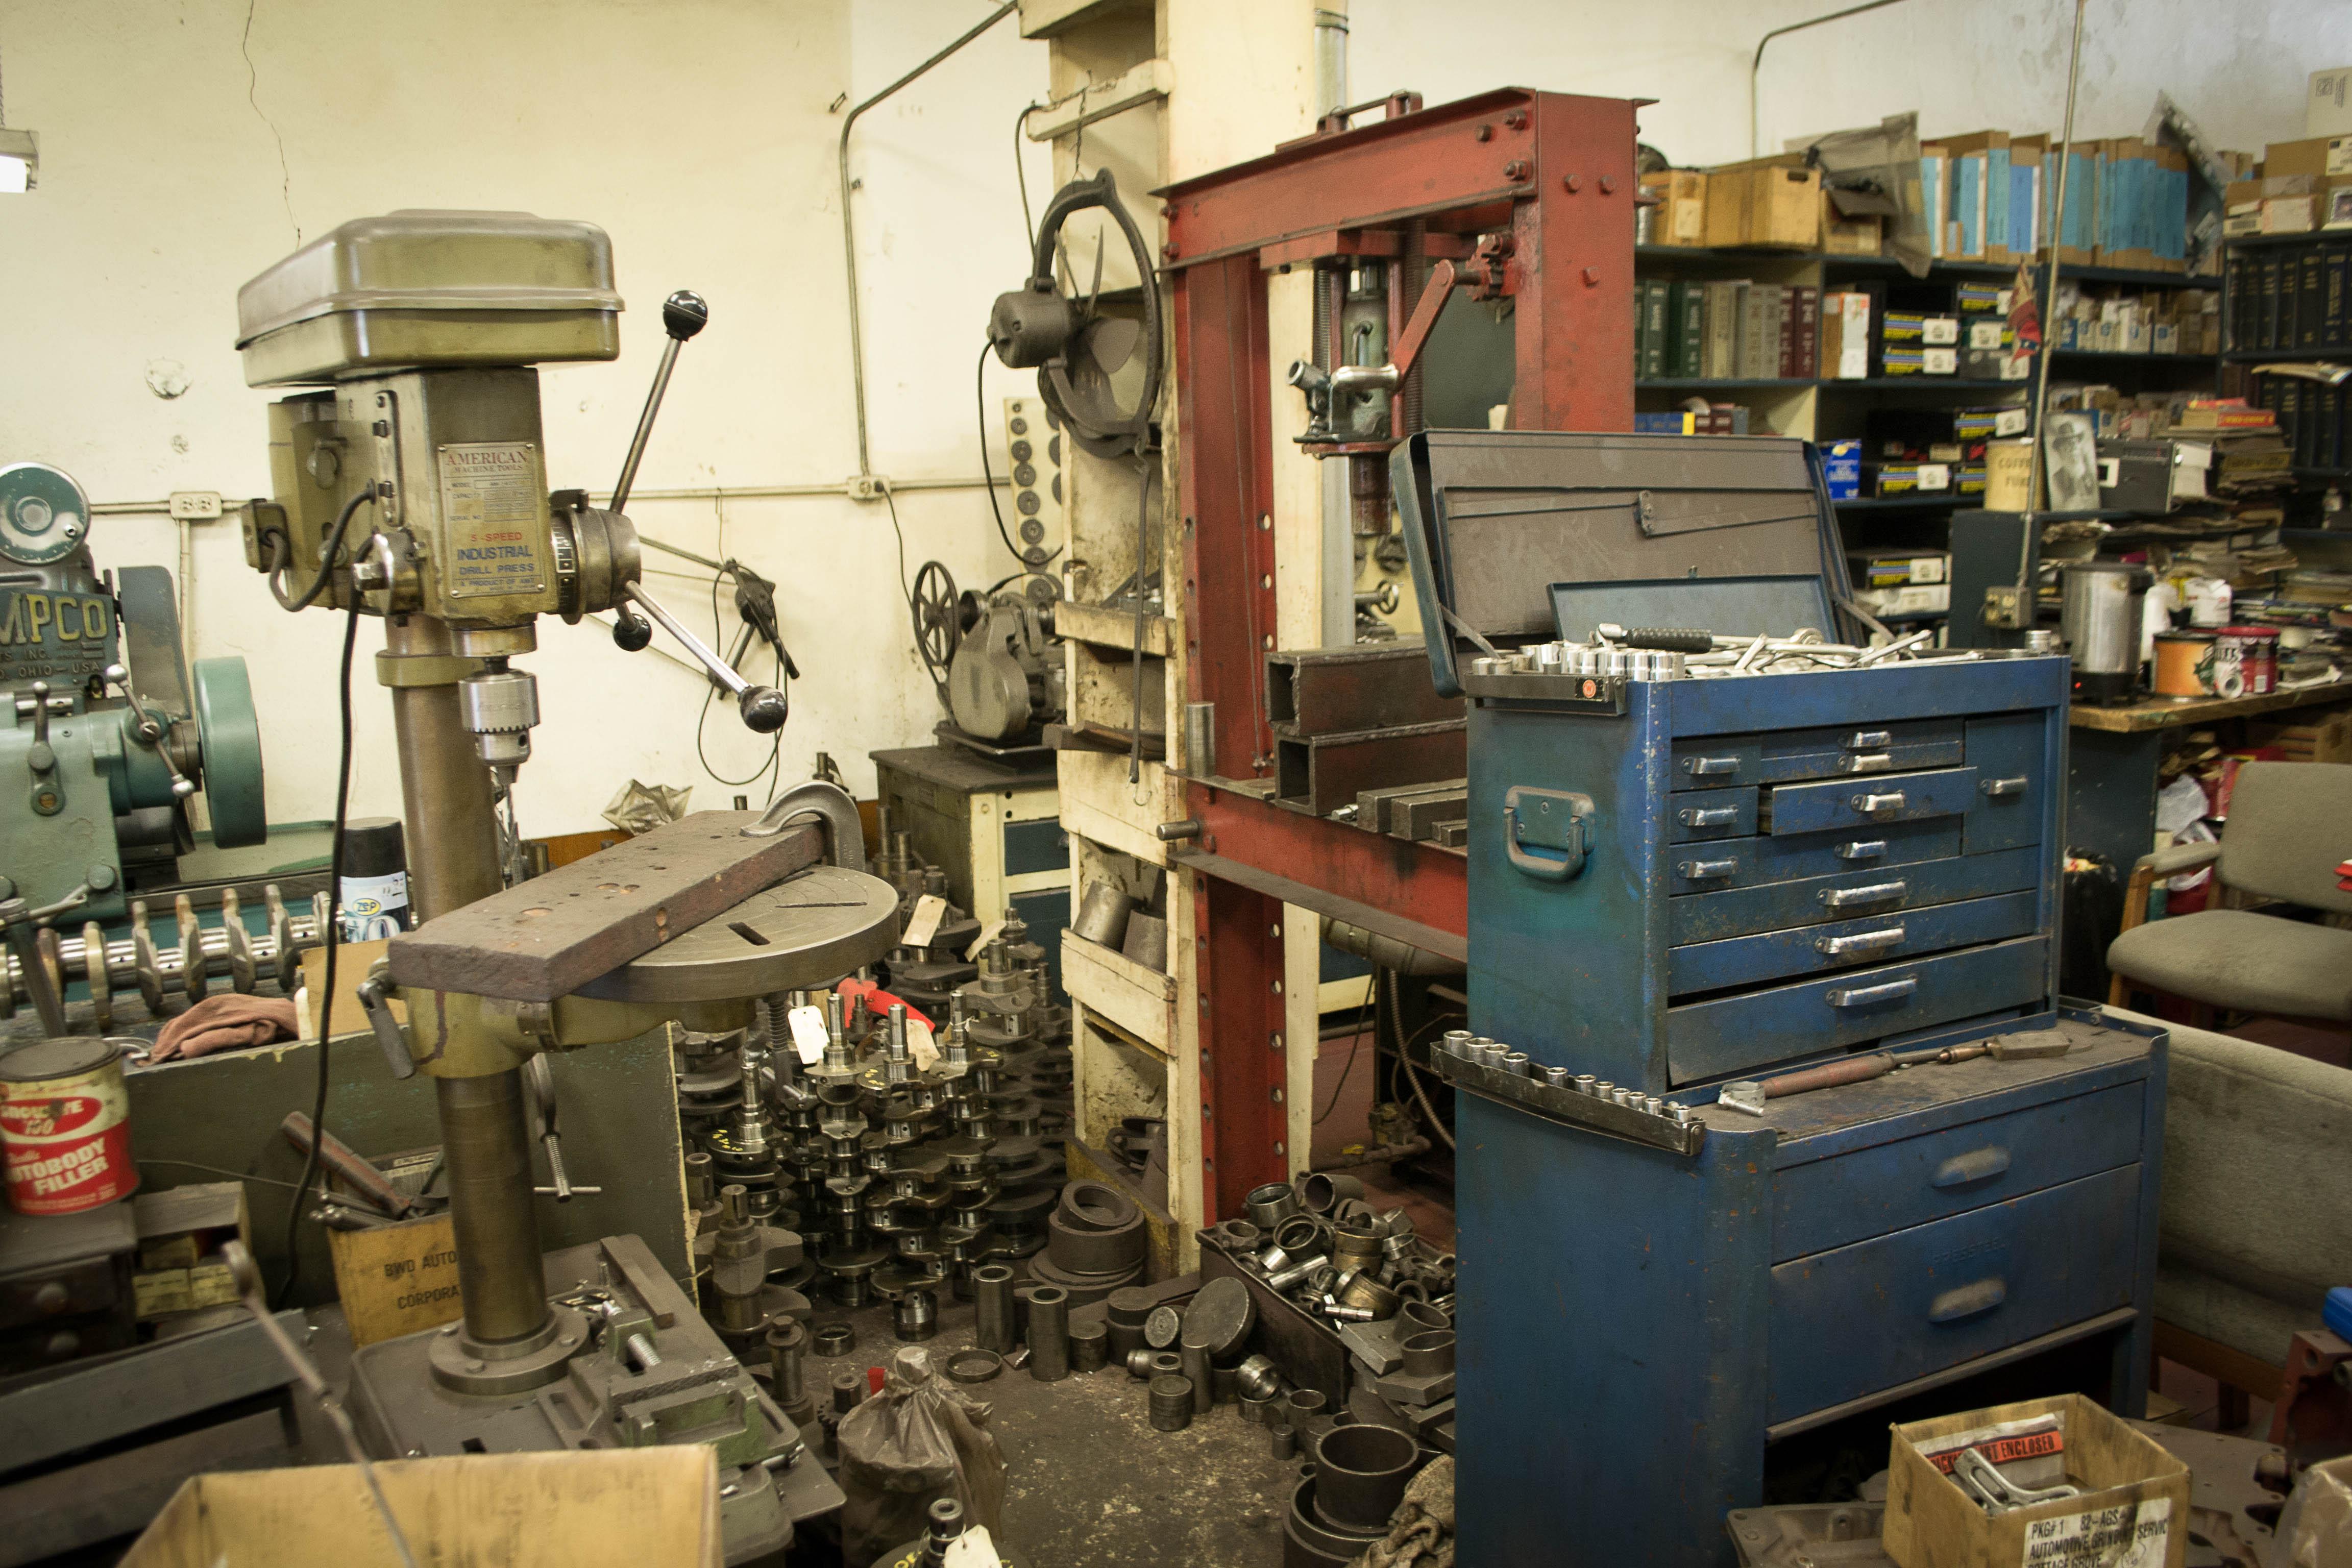 Machine_Shop-4.jpg?1594500135